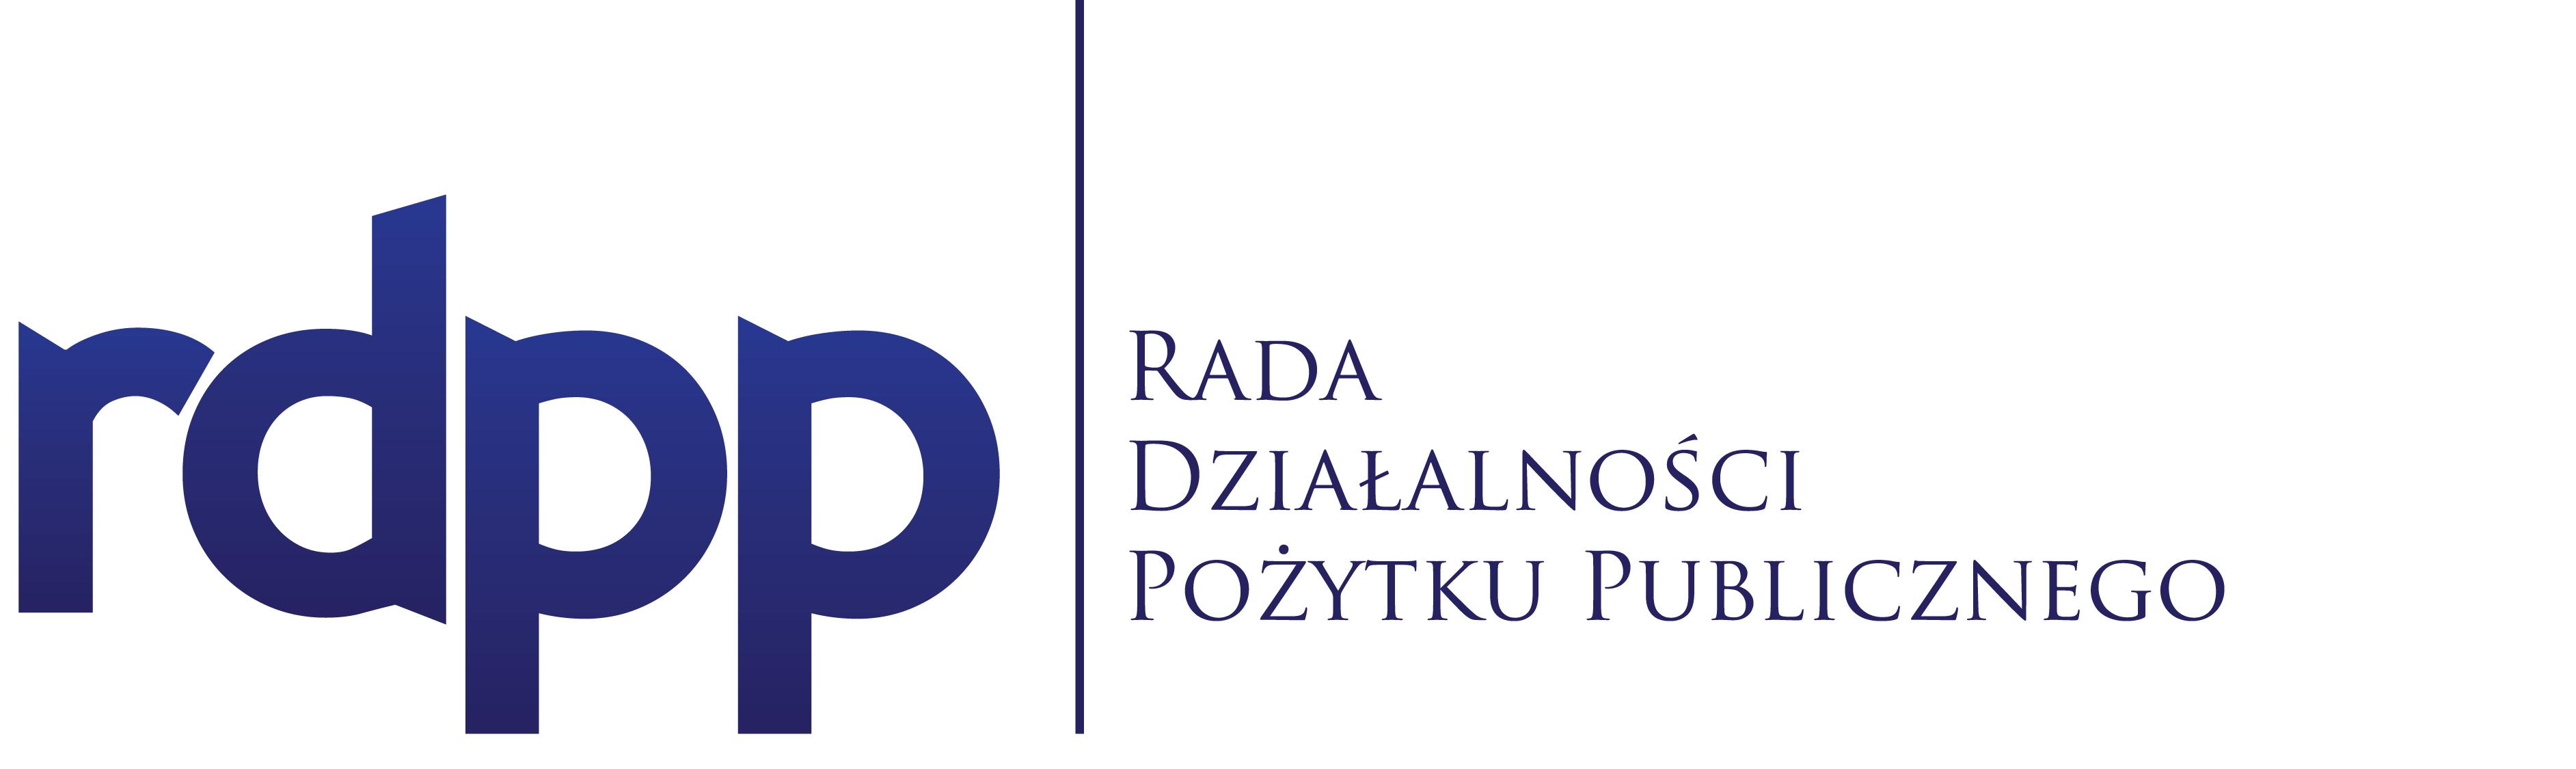 Rada Działalności Pożytku Publicznego VI kadencji